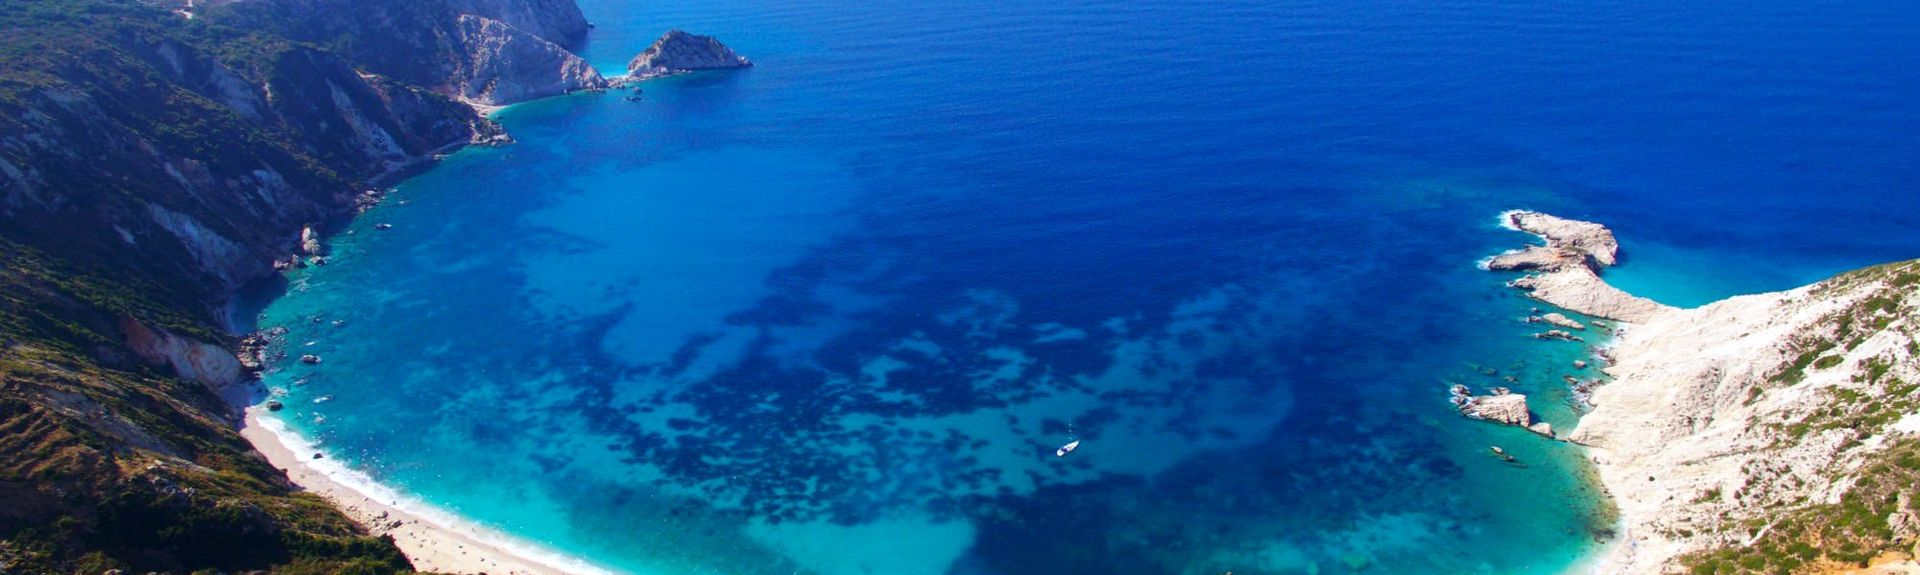 Hafen von Argostoli, Kefalonia, Region der Ionischen Inseln, Griechenland